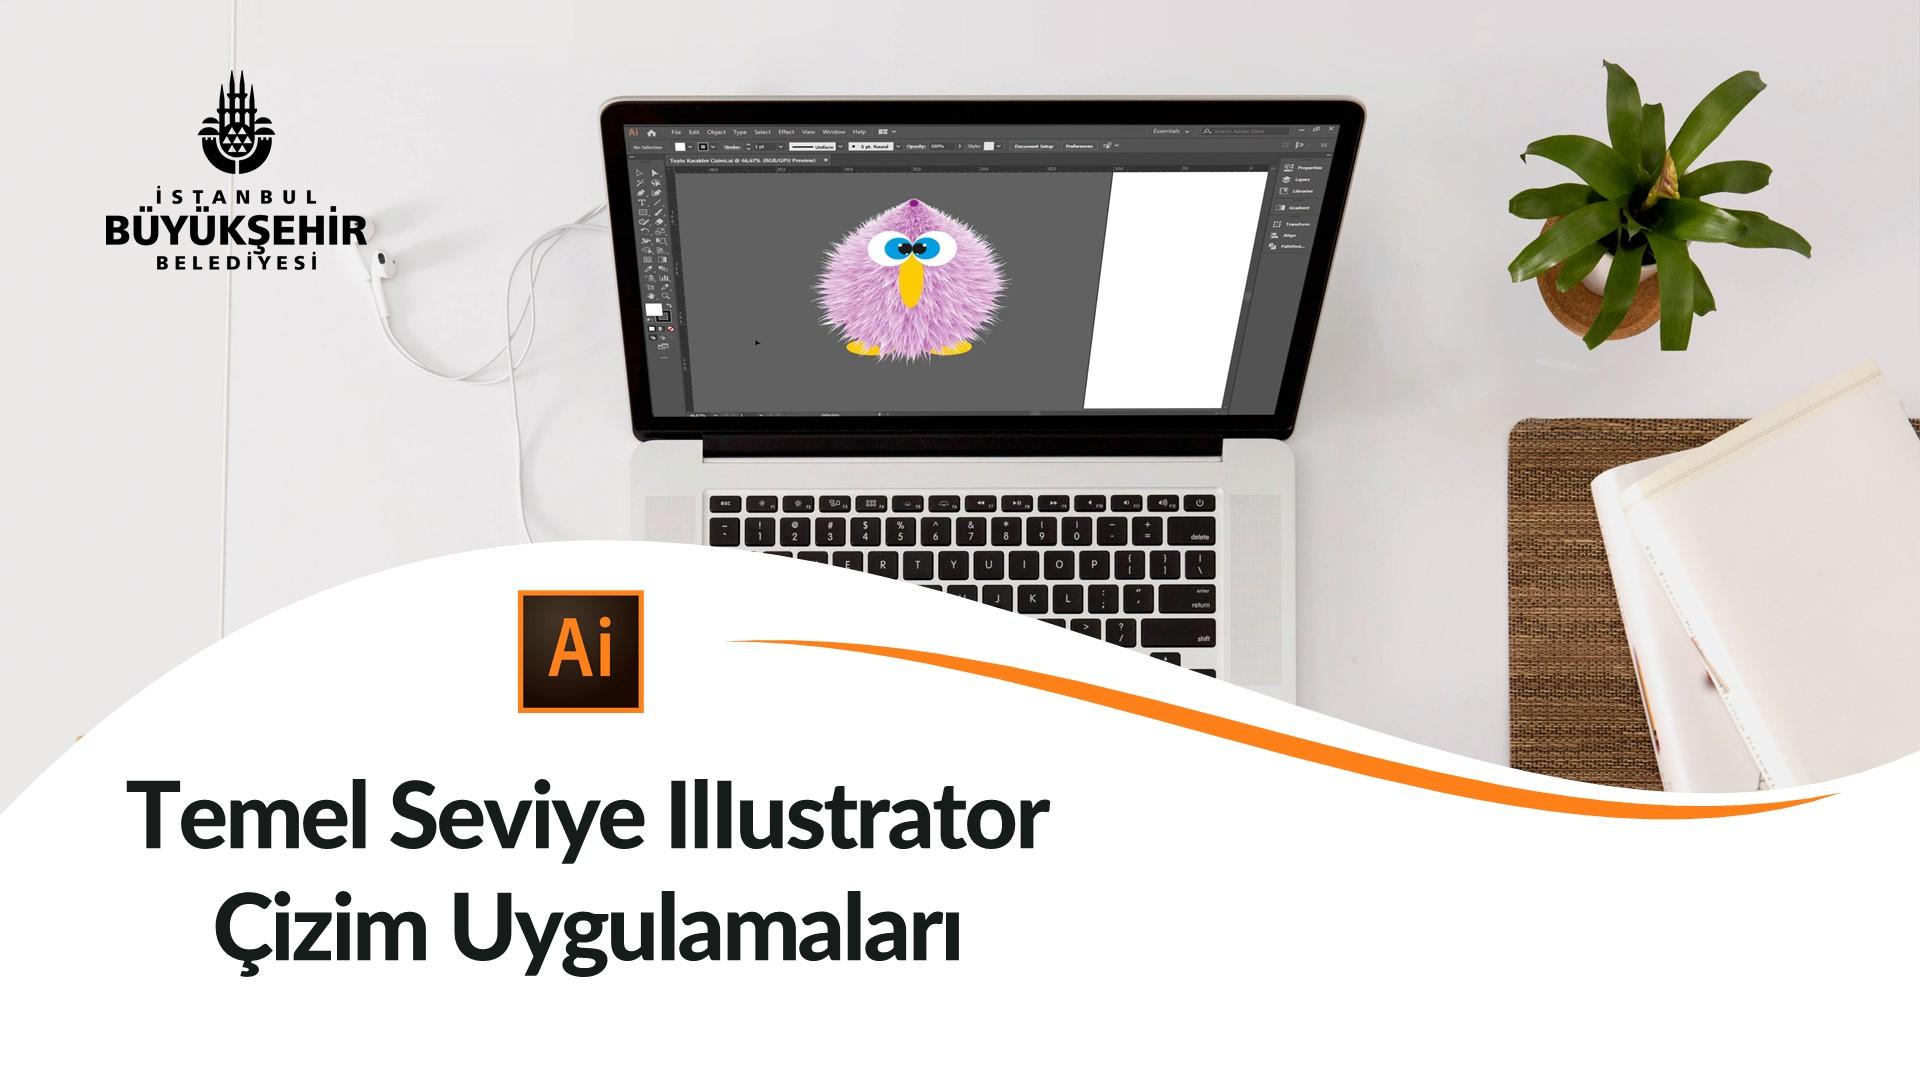 Temel Seviye Illustrator Çizim Uygulamaları Kayıtları Başladı